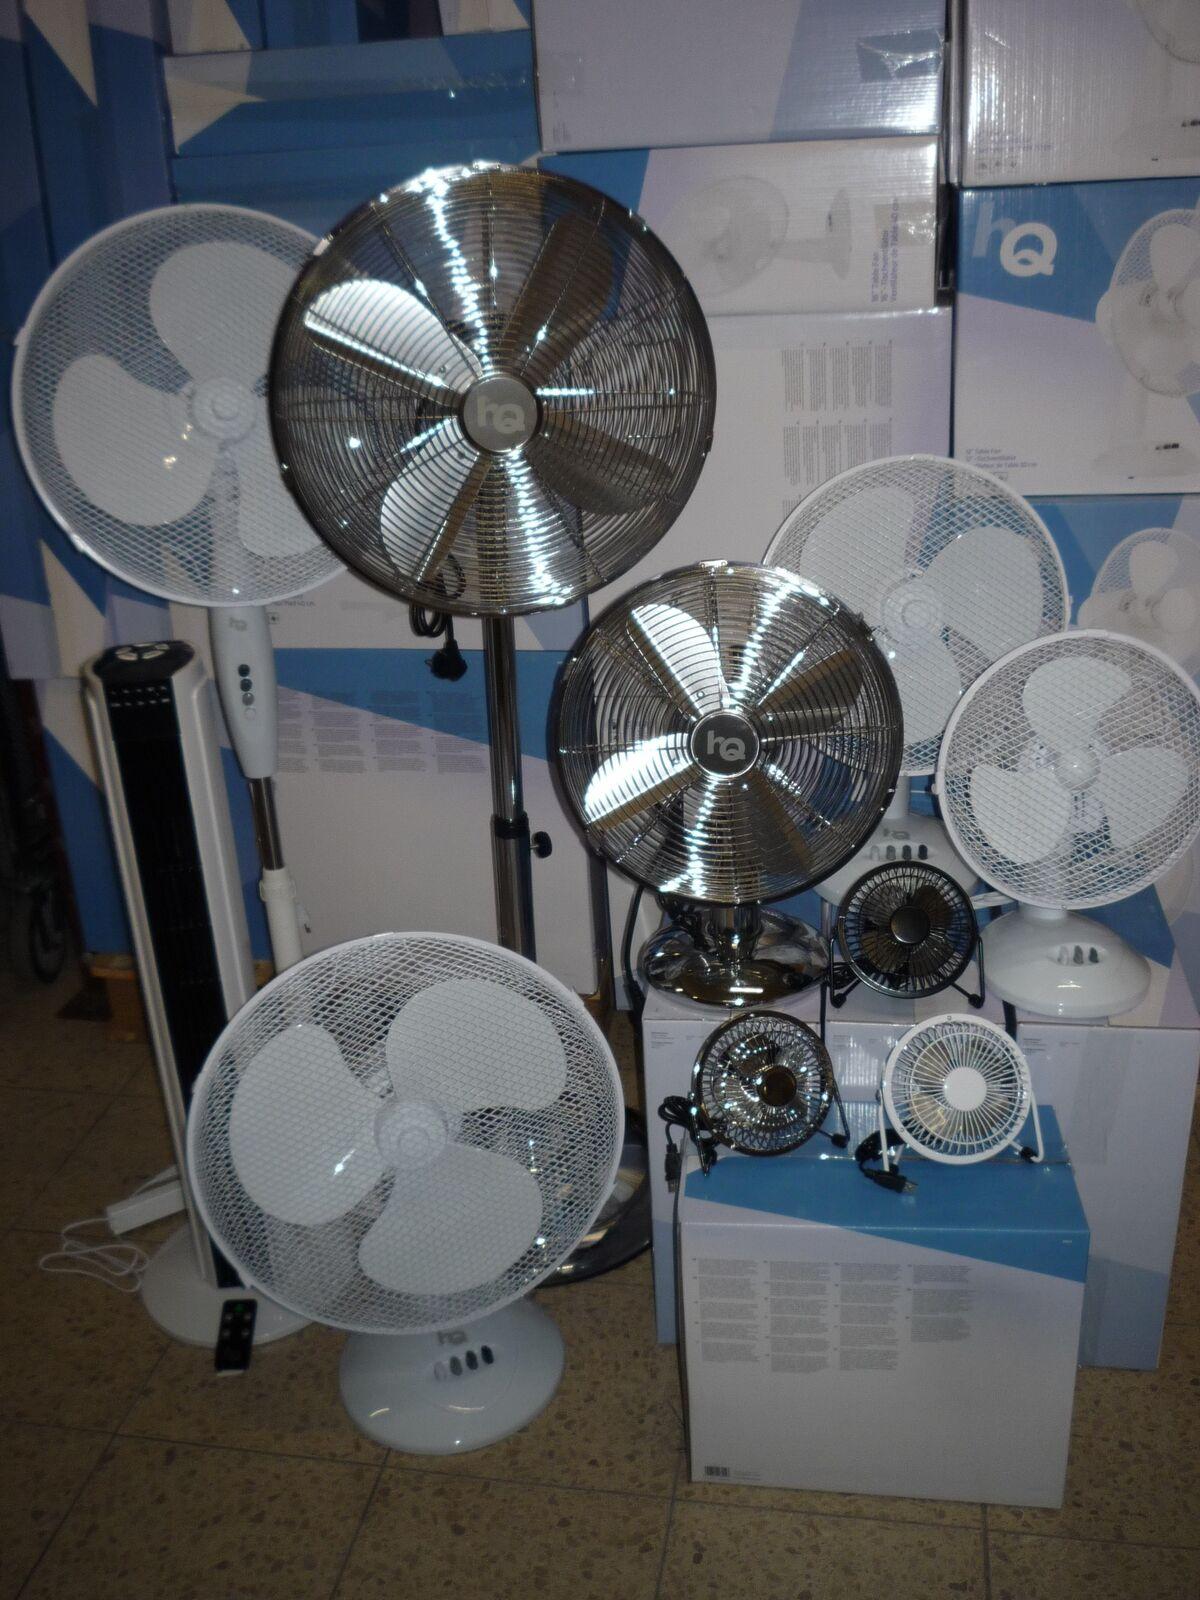 Miniventilator, Tischventilator, Turmventilator,Standventilator,Säulenventilator